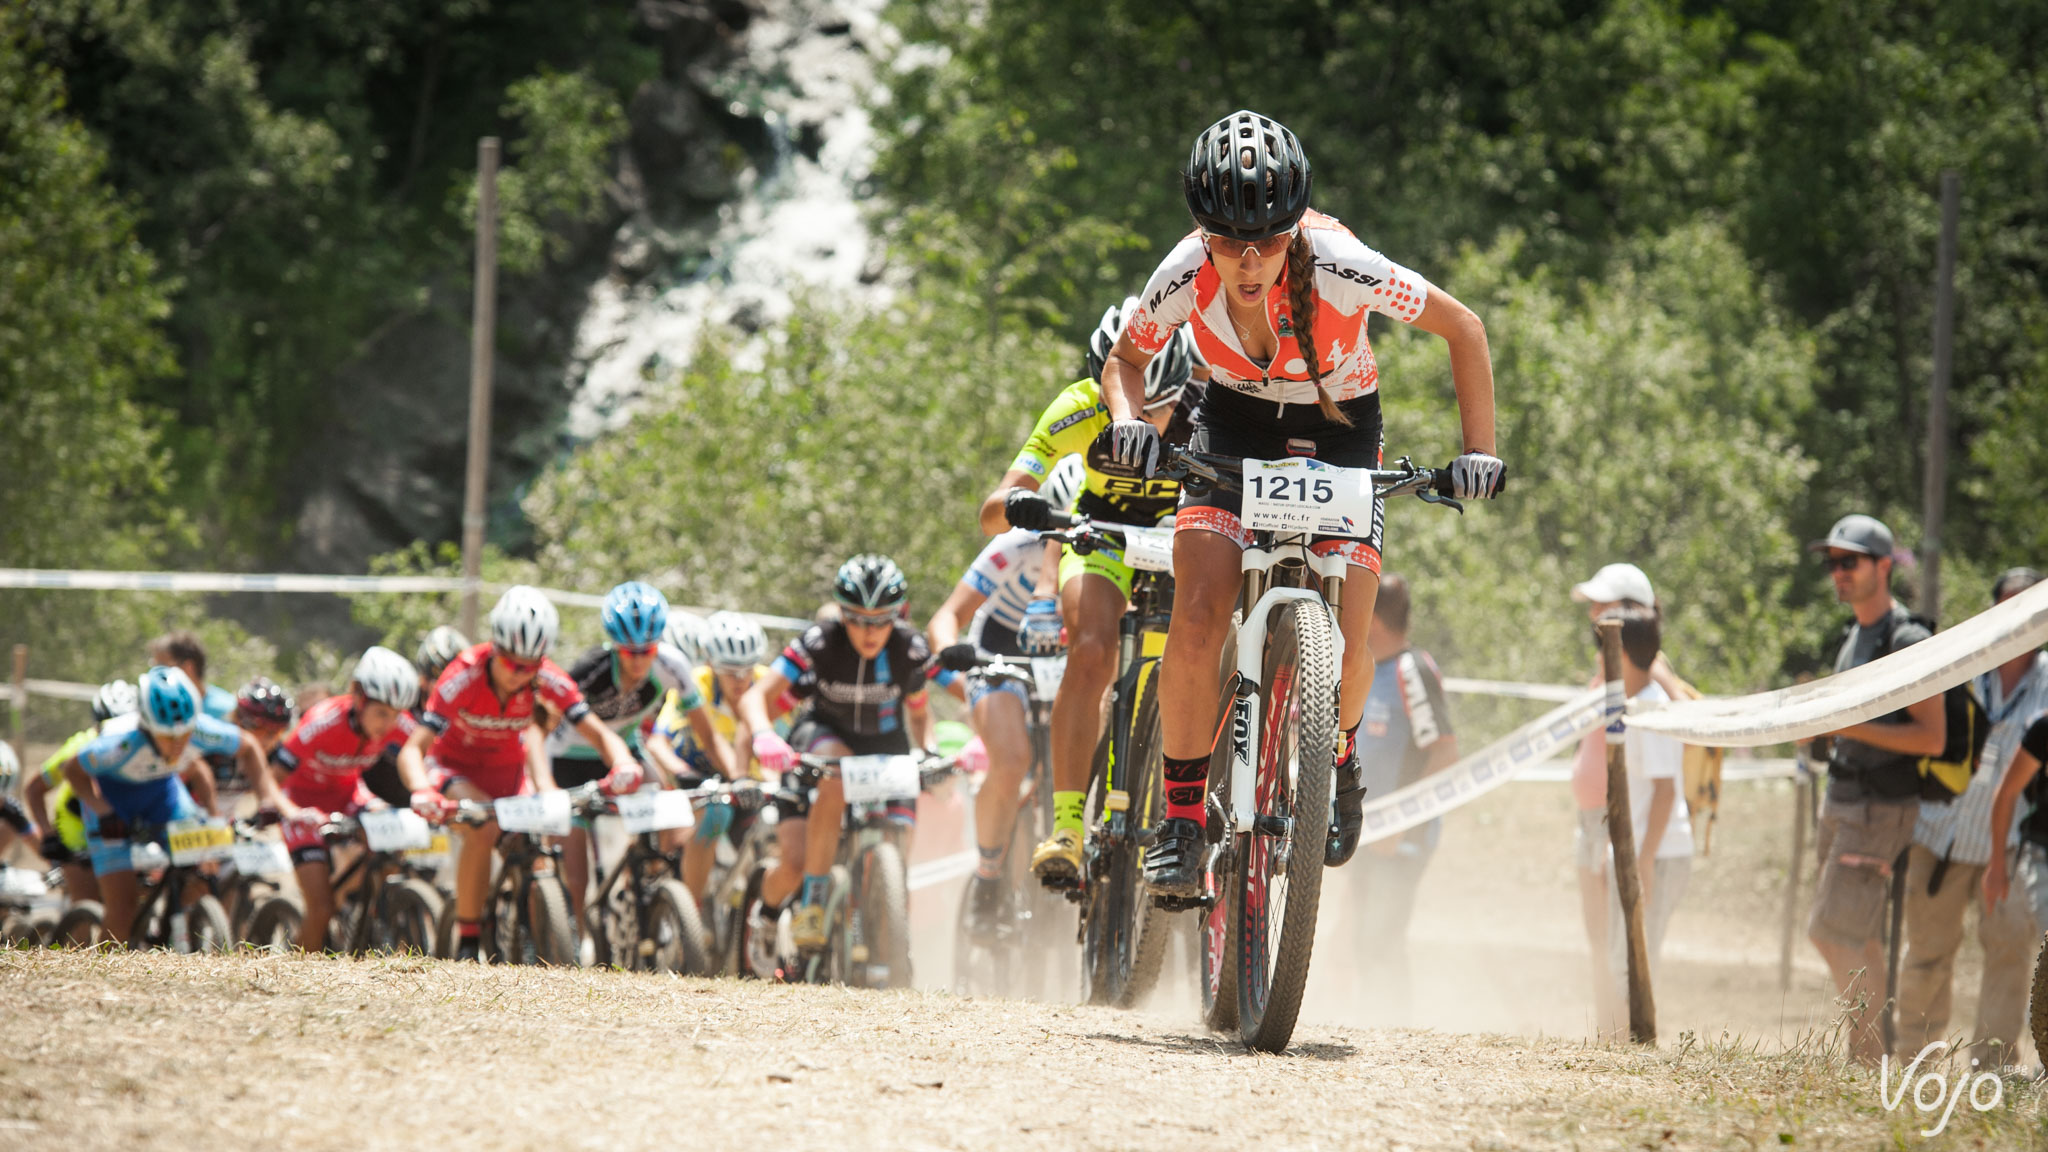 Championnats-de-france-2015-Oz-XC-Espoirs-finale-36